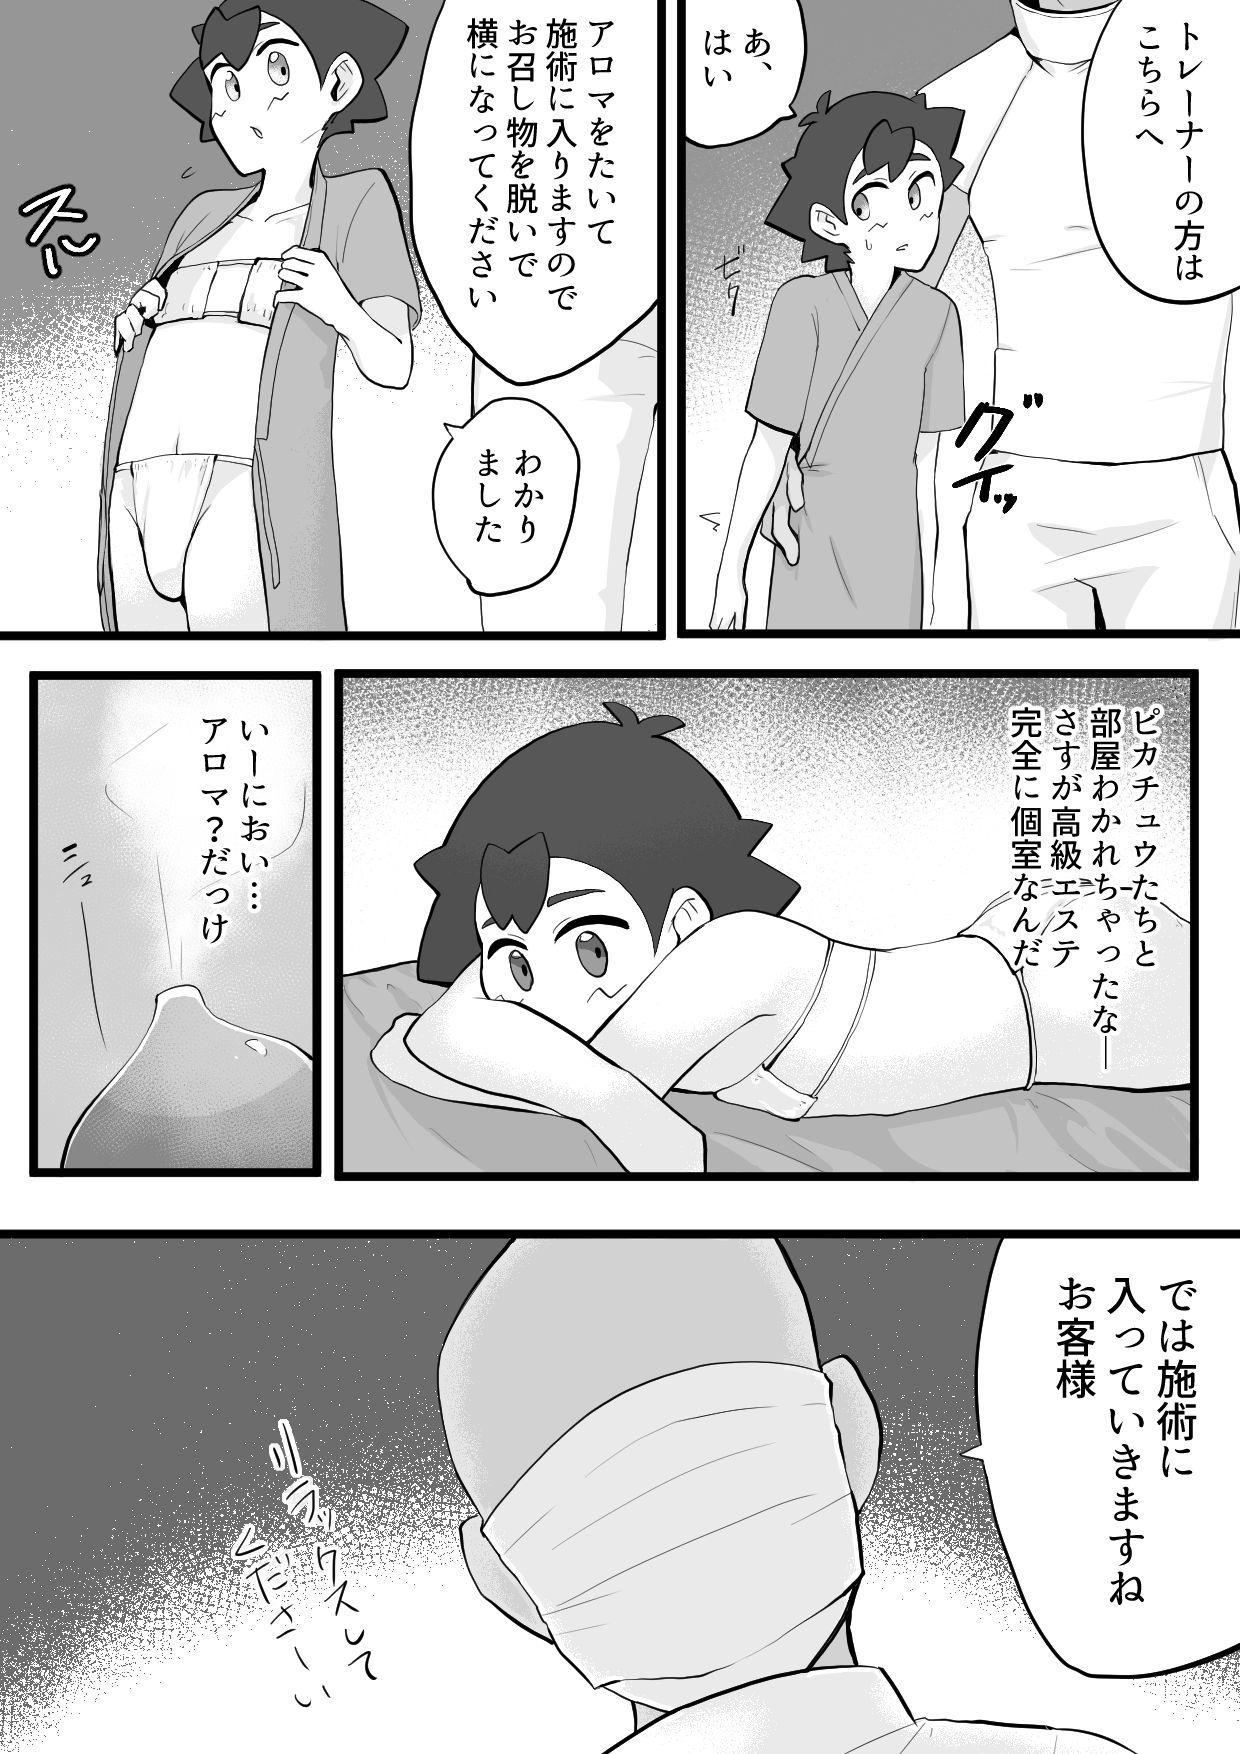 Satoshi-kun ga Gararu no Koukyuu Massage ni Iku Hanashi 1